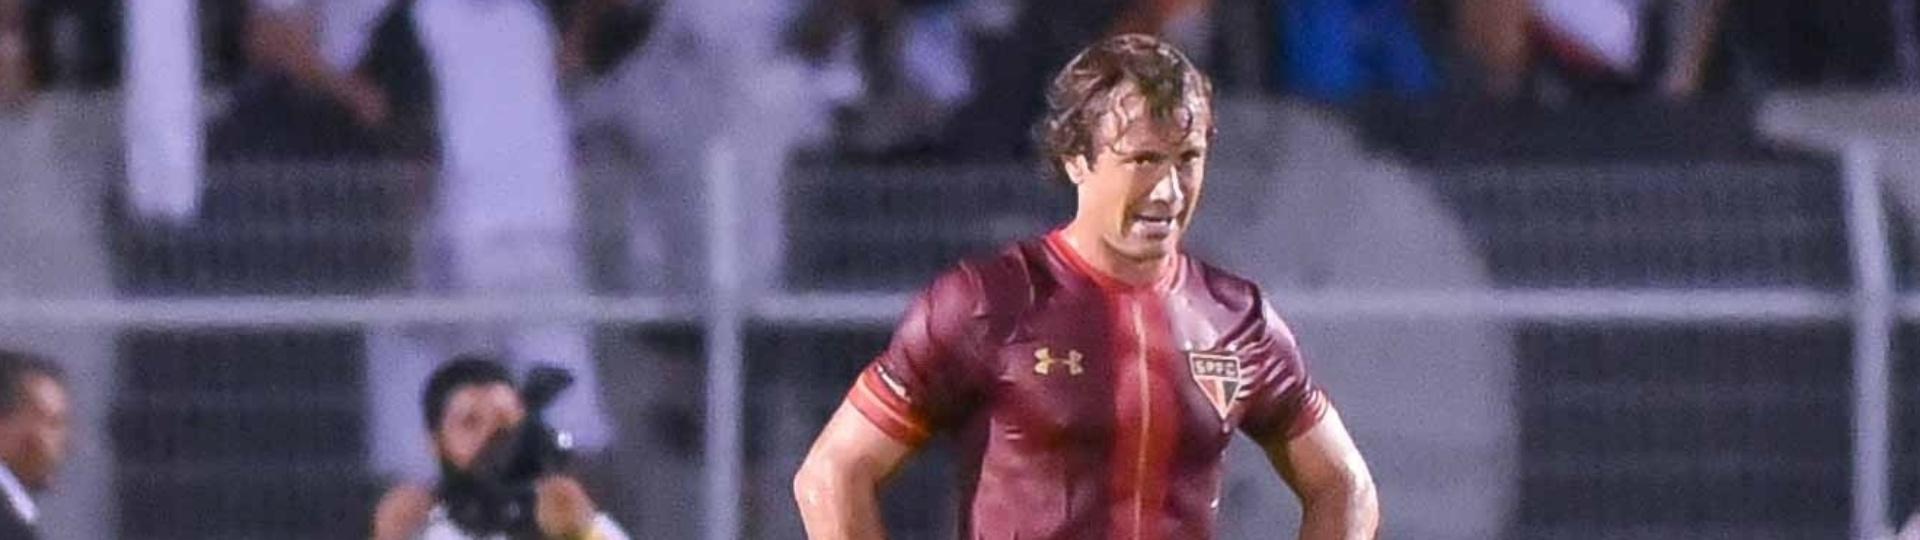 Diego Lugano lamenta gol sofrido pelo São Paulo, enquanto Reinaldo (ao fundo) comemora após marcar para a Ponte Preta, em partida neste sábado (27), válida pelo Campeonato Paulista